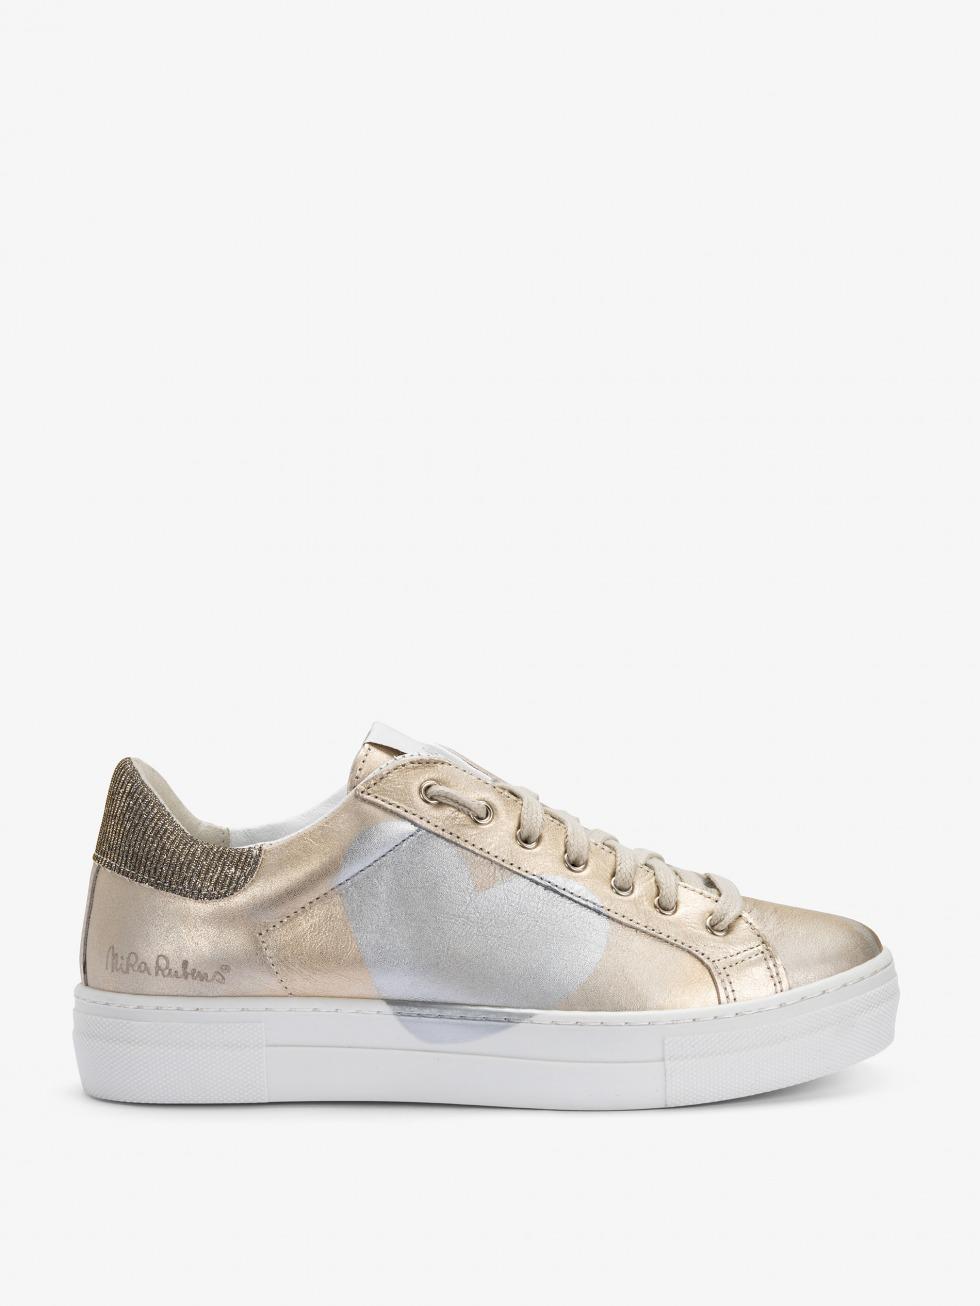 Sneakers Martini Shine Gold - Cuore